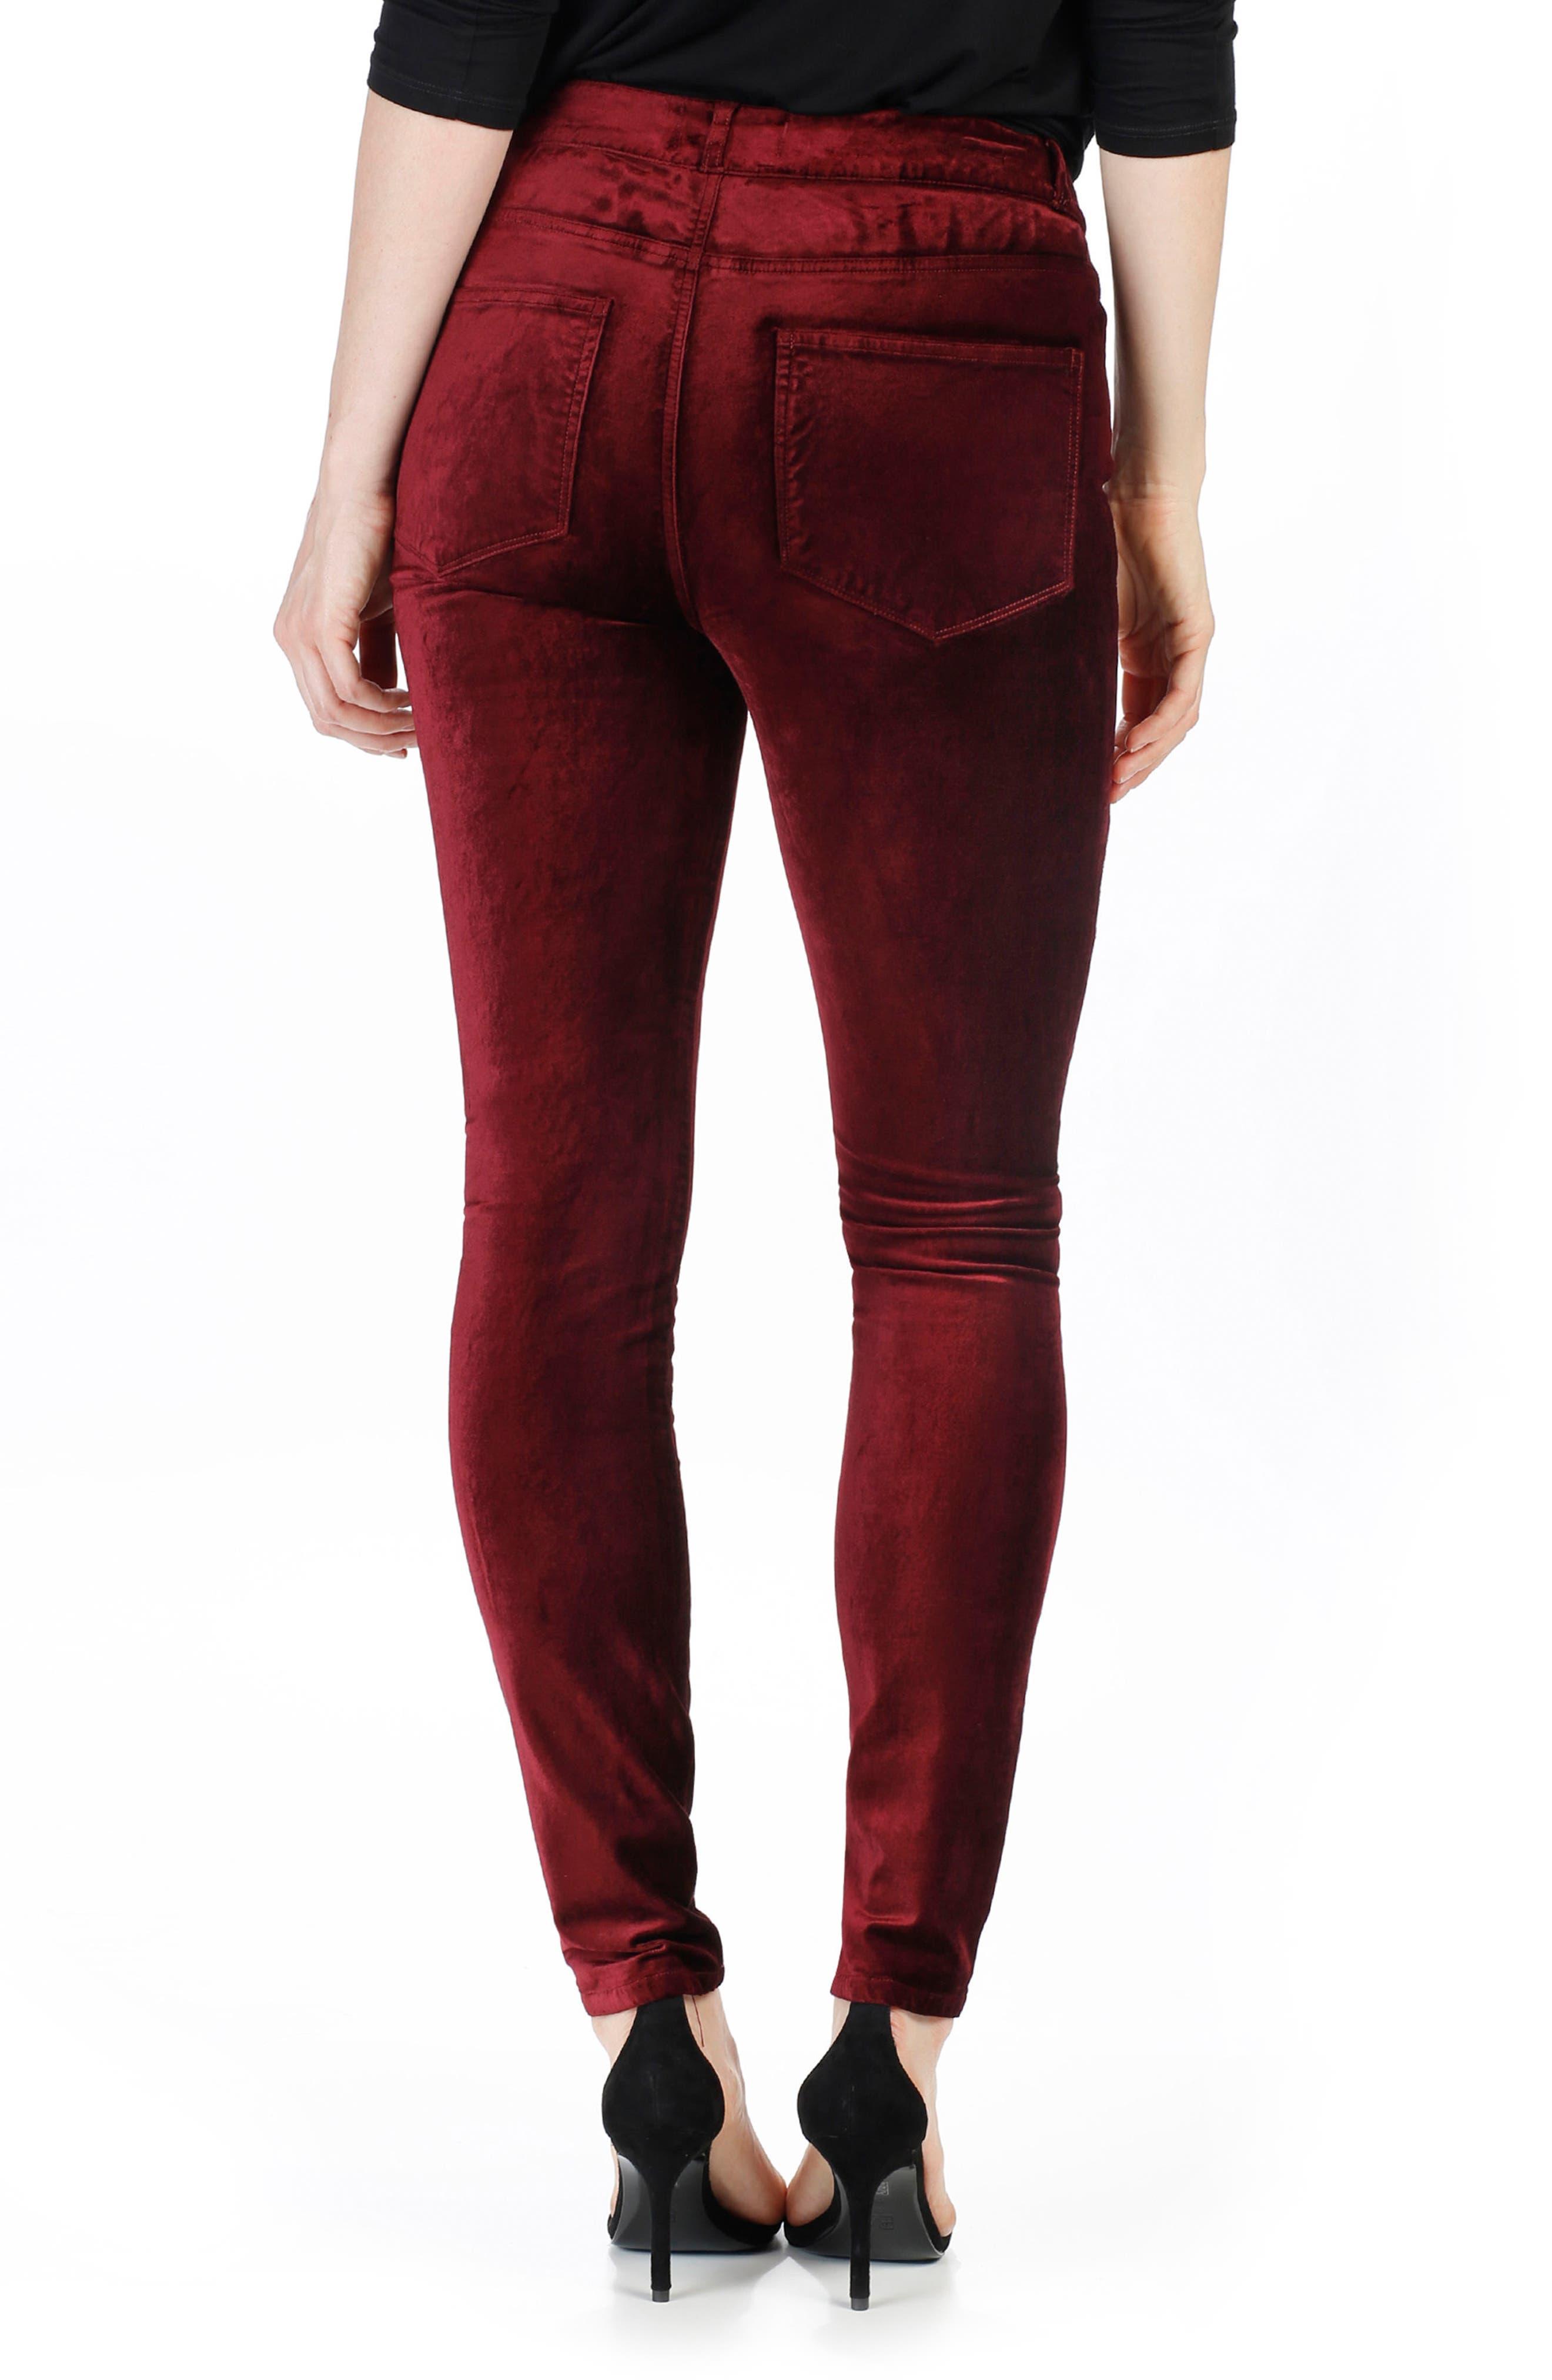 Hoxton Velvet Skinny Jeans,                             Alternate thumbnail 2, color,                             607